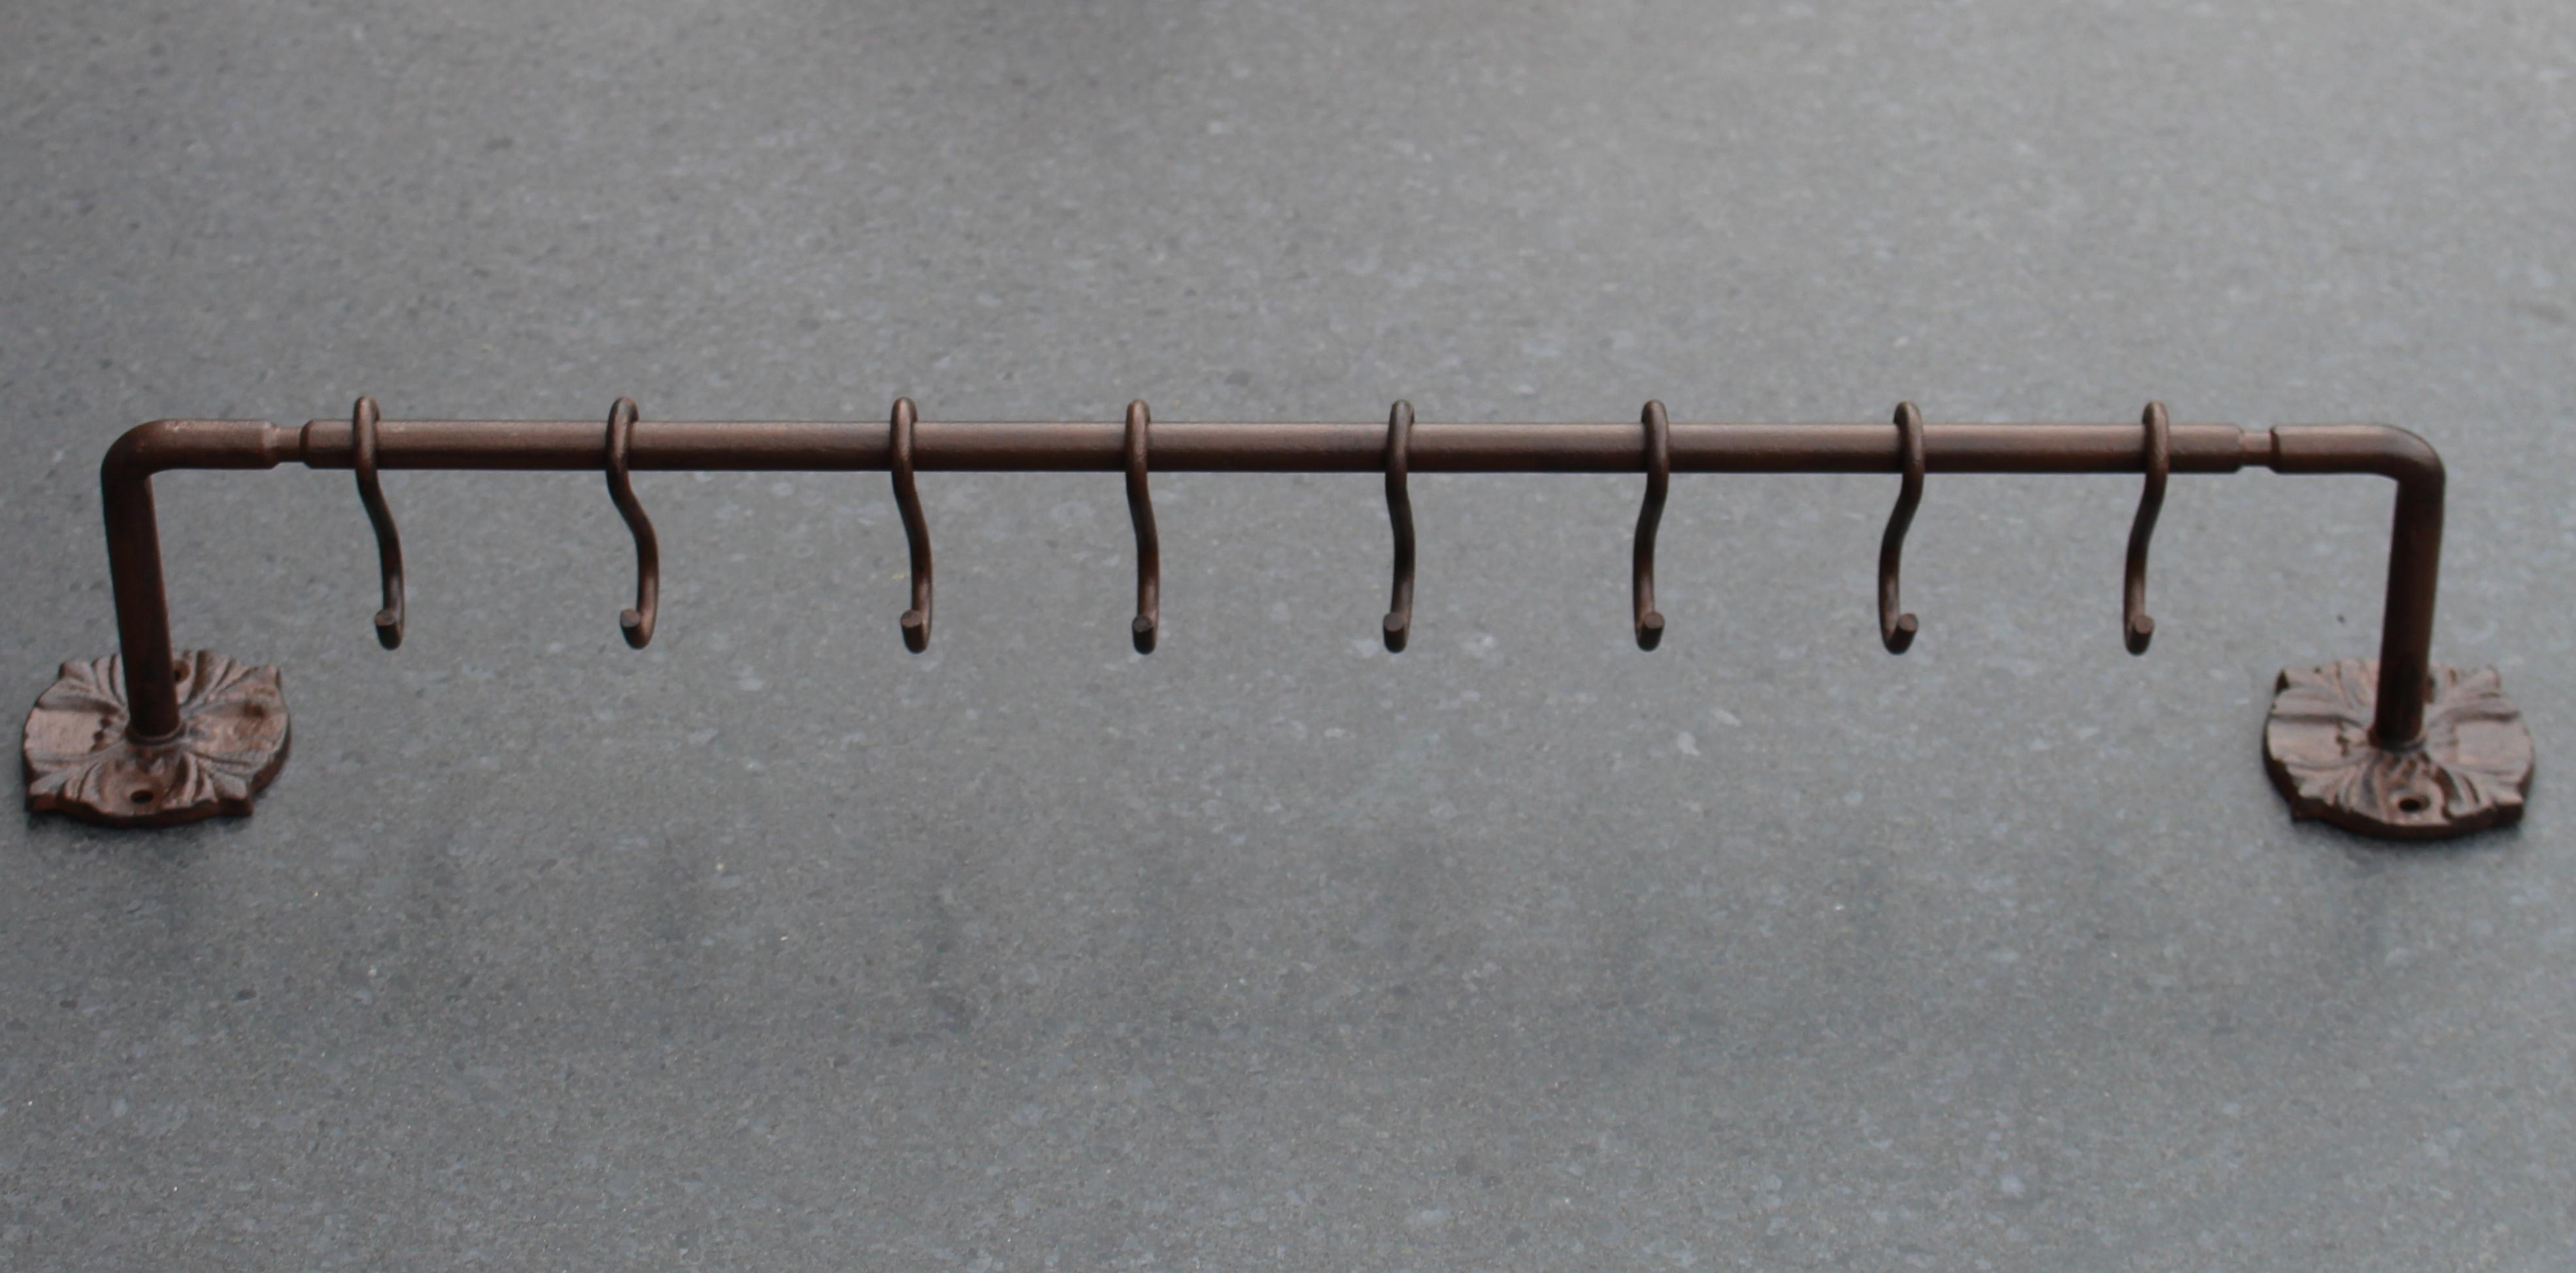 Kapstokophangrek Met 8 Verwijderbare Haakjes Robanjer Kapstokhaken